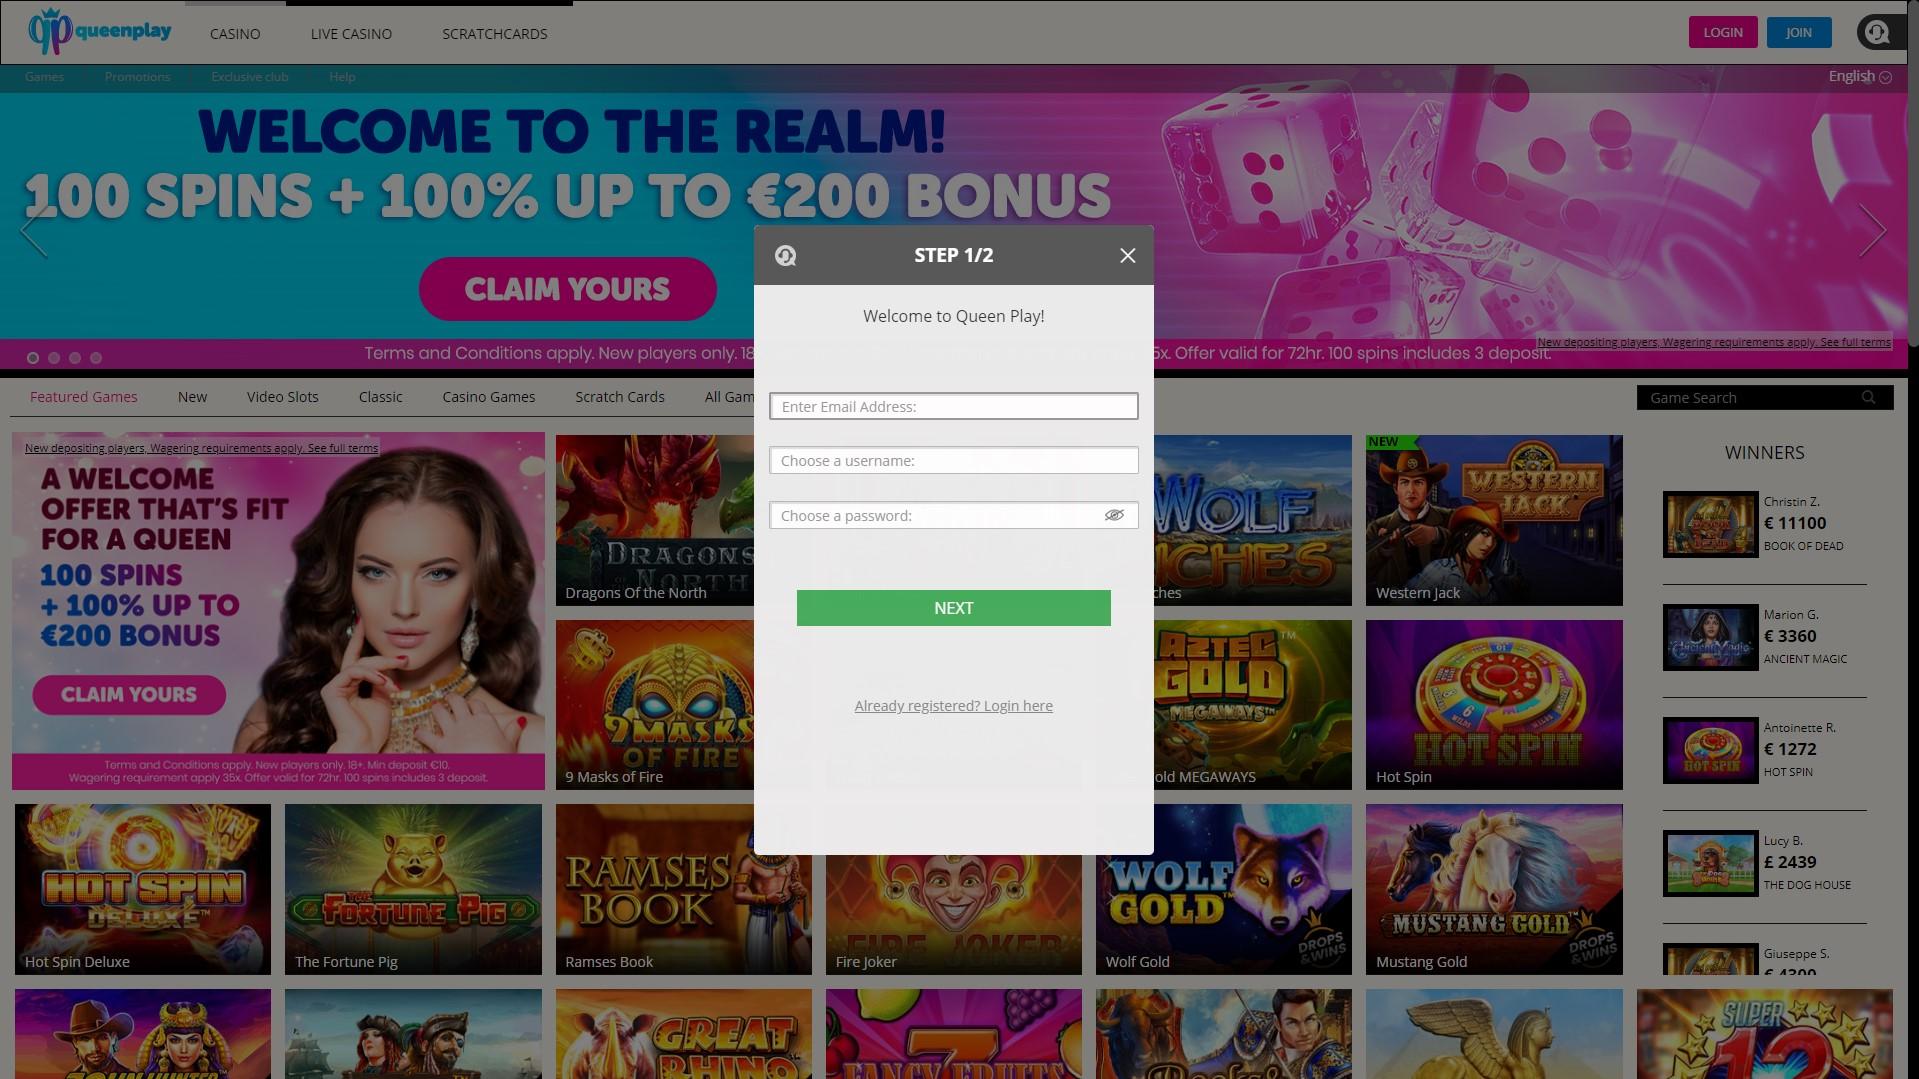 blackjack game download for windows 7